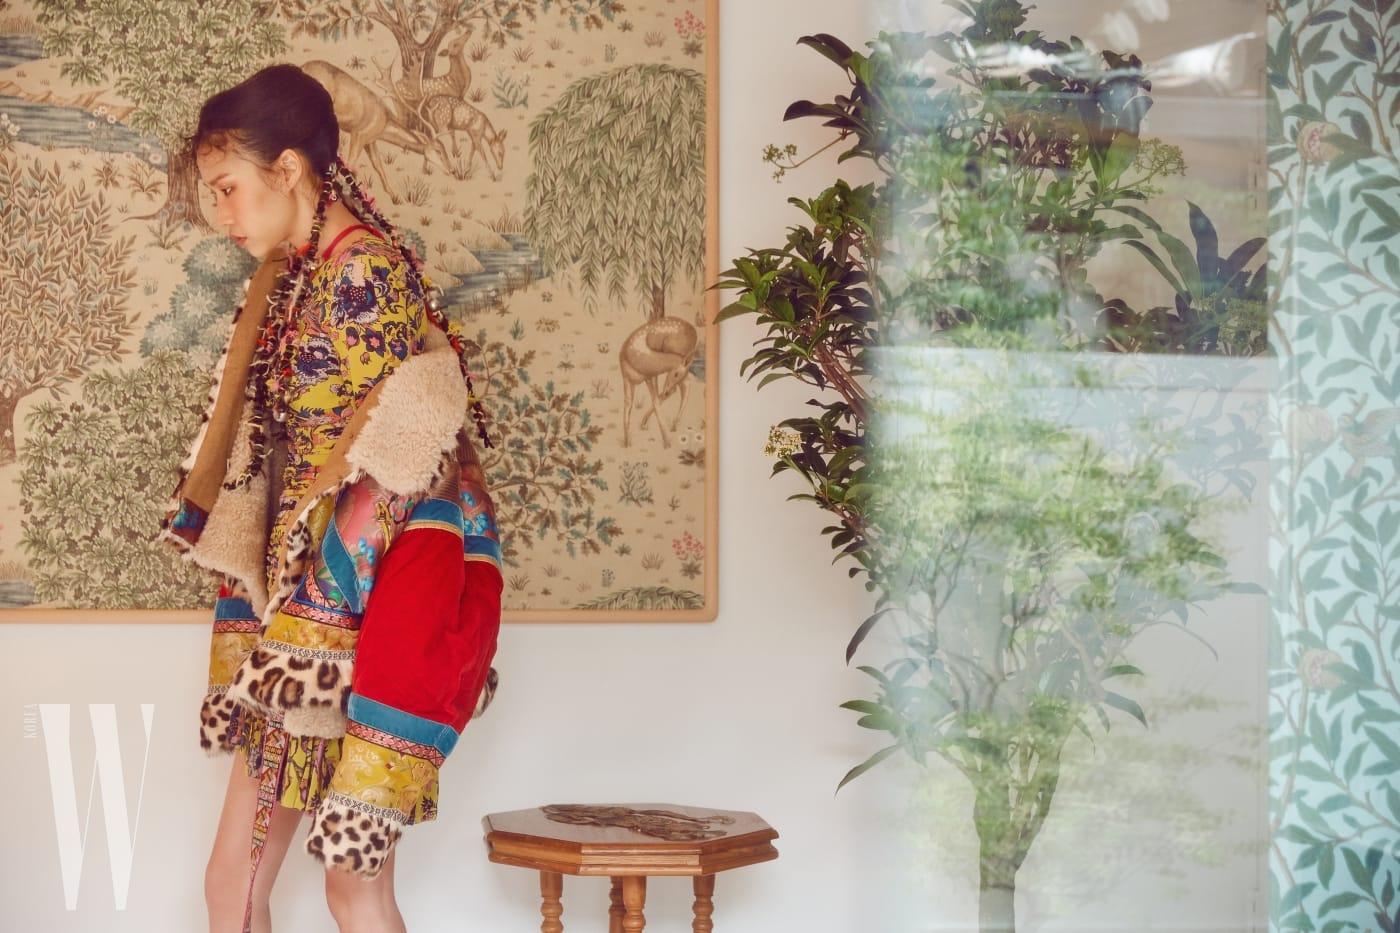 토속적인 색감과 섬세한 자카르 패치워크가 특징인 오버사이즈 아우터, 페이즐리 프린트 드레스, 에스닉한 목걸이는 모두 Etro 제품.